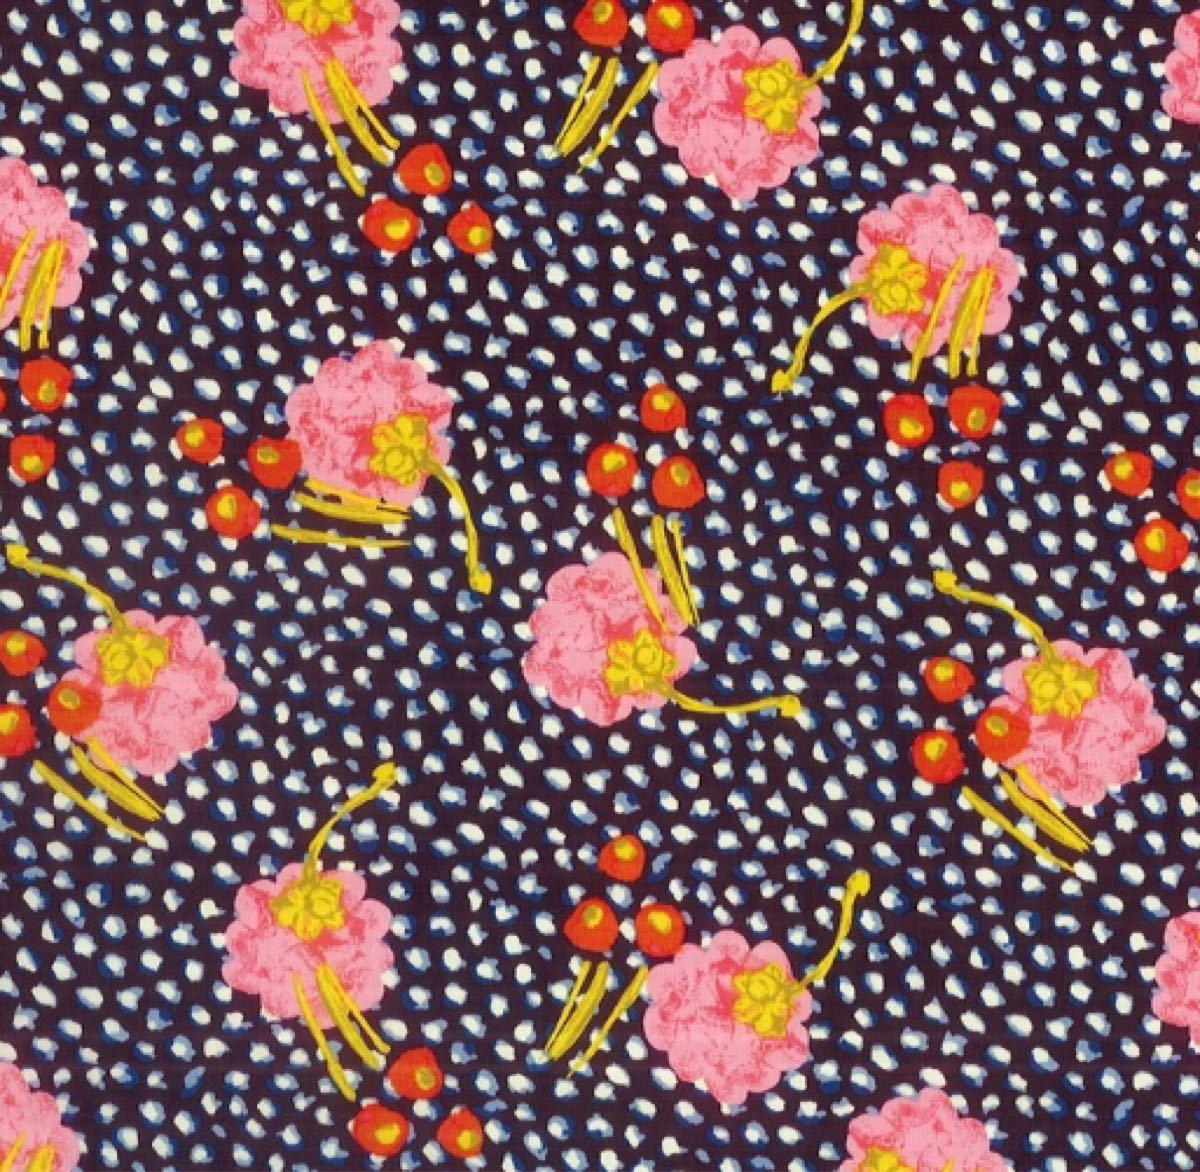 リバティ ジュニパー ピンク&ネイビー 生地幅×200cm 国産タナローン はぎれ お花